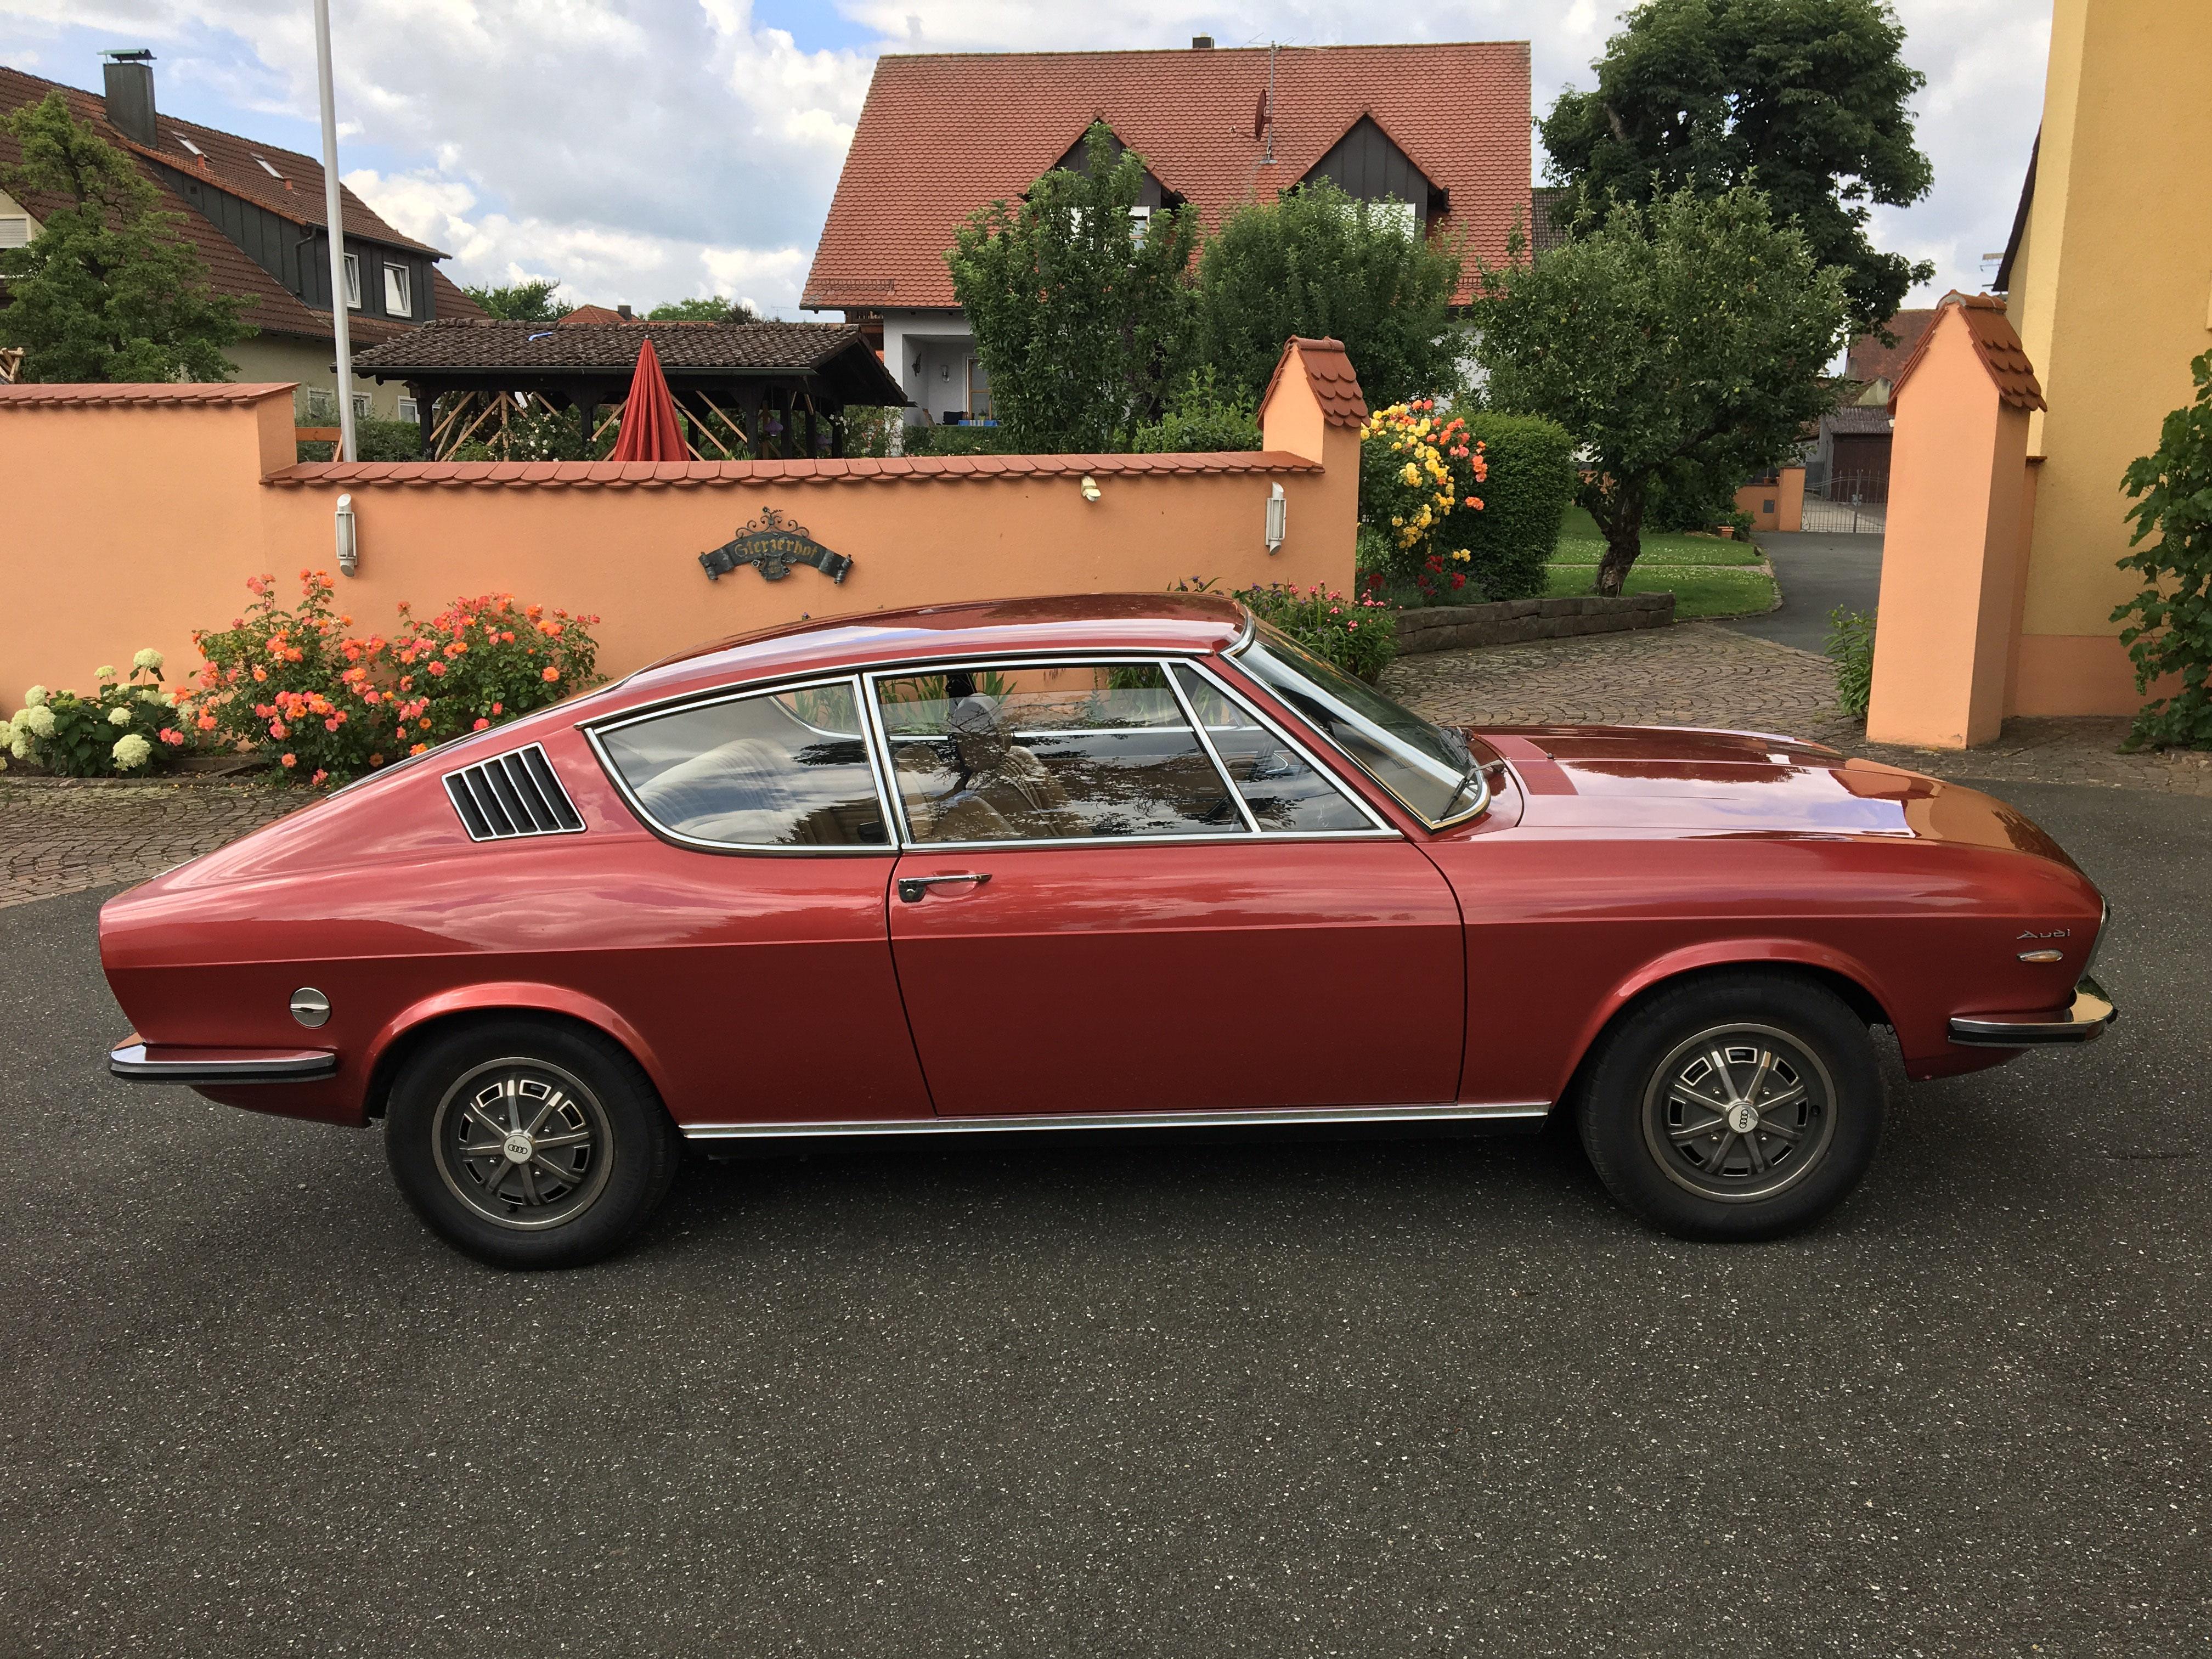 Audi 100 Coupe S 1972 - www.mobile-fahrkultur.de